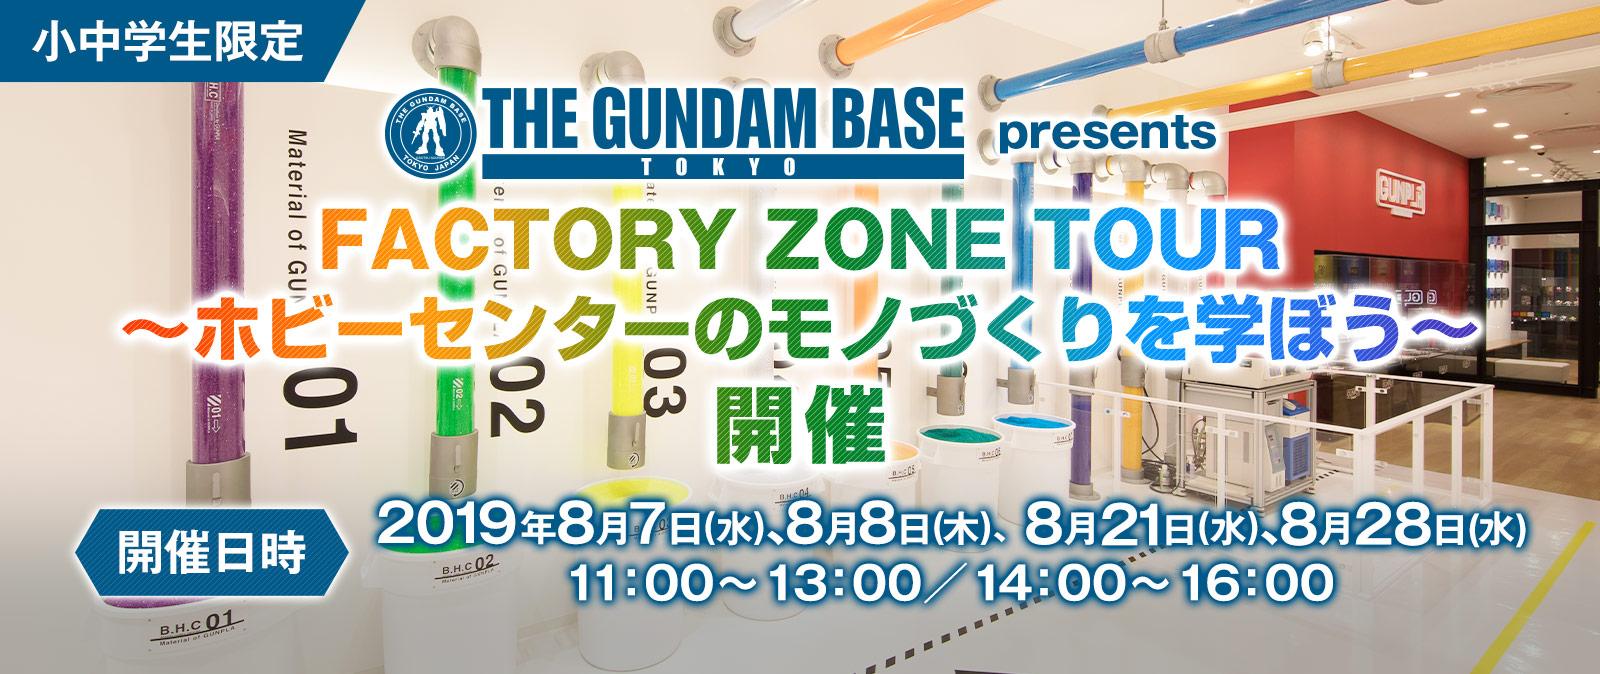 【小中学生限定】夏休み特別企画!FACTORY ZONE TOUR開催!